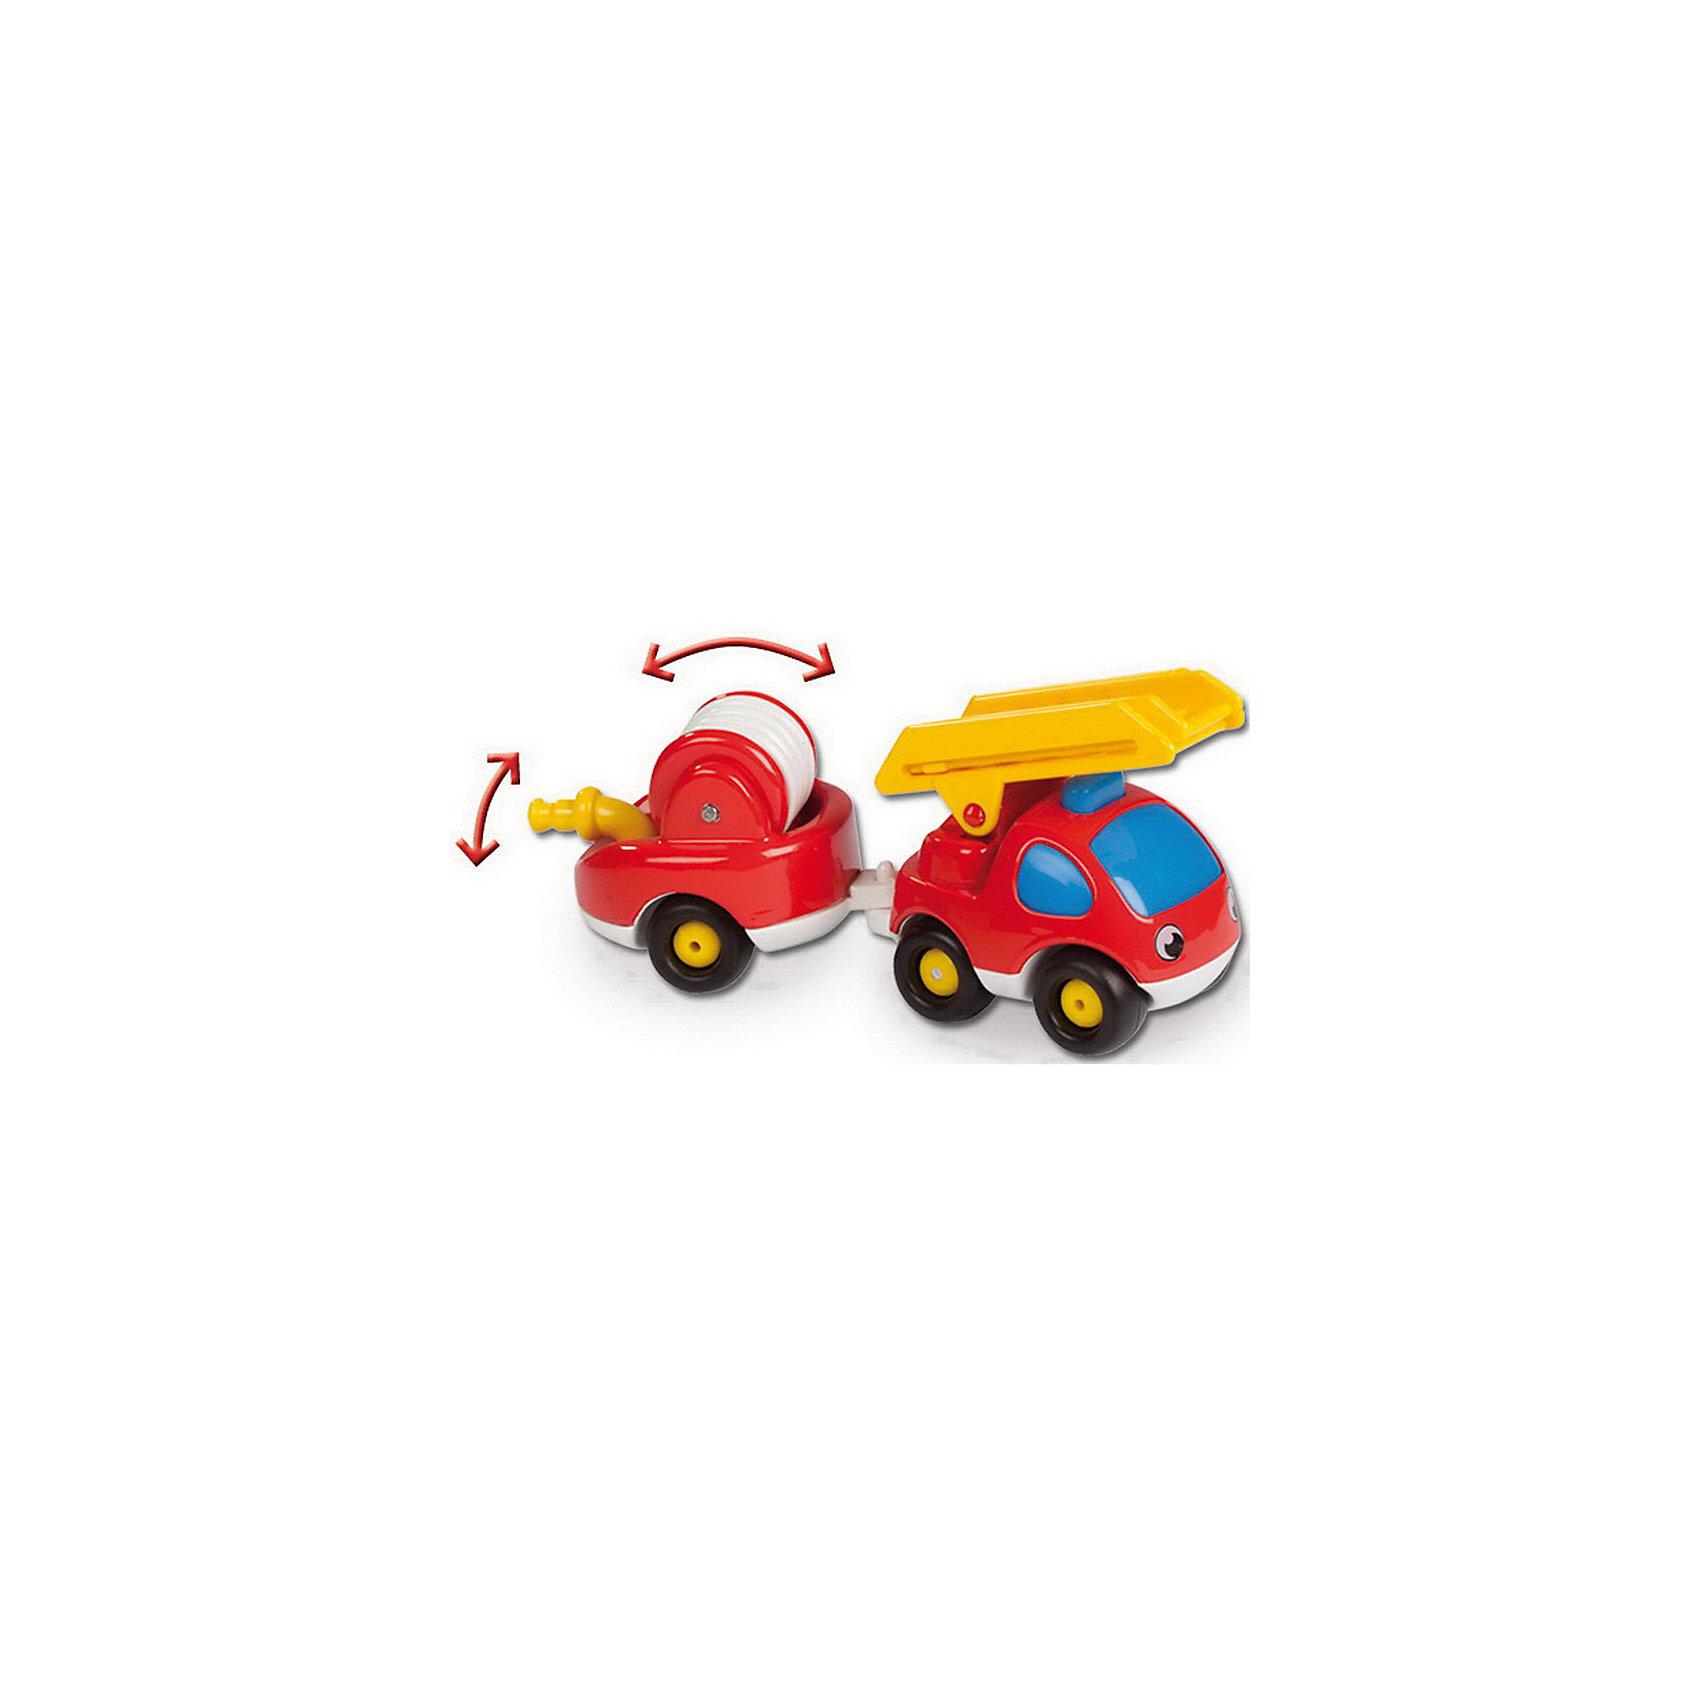 Пожарный грузовик, Vroom Planet, SmobyКрасочный пожарный грузовичок, Vroom Planet, Smoby (Смоби) обязательно понравится всем маленьким любителям автотехники. Он замечательно подойдет для игр как дома, так и на улице. Грузовик ярко красного цвета имеет крупную округлую форму, удобную для детских ручек, без острых углов. Крупные колеса позволят малышу легко катать машинку по любой поверхности. Грузовичок оснащен прицепом с пожарный шлангом, который раскручивается для тушения пожара.<br><br>Дополнительная информация:<br><br>- Материал: пластик.<br>- Размер машинки: 17 см.<br>- Размер упаковки: 7 х 9,5 х 18 см.<br>- Вес: 0,2 кг.<br><br>Пожарный грузовик, Vroom Planet, Smoby (Смоби) можно купить в нашем интернет-магазине.<br><br>Ширина мм: 100<br>Глубина мм: 70<br>Высота мм: 180<br>Вес г: 200<br>Возраст от месяцев: 24<br>Возраст до месяцев: 60<br>Пол: Мужской<br>Возраст: Детский<br>SKU: 4166801